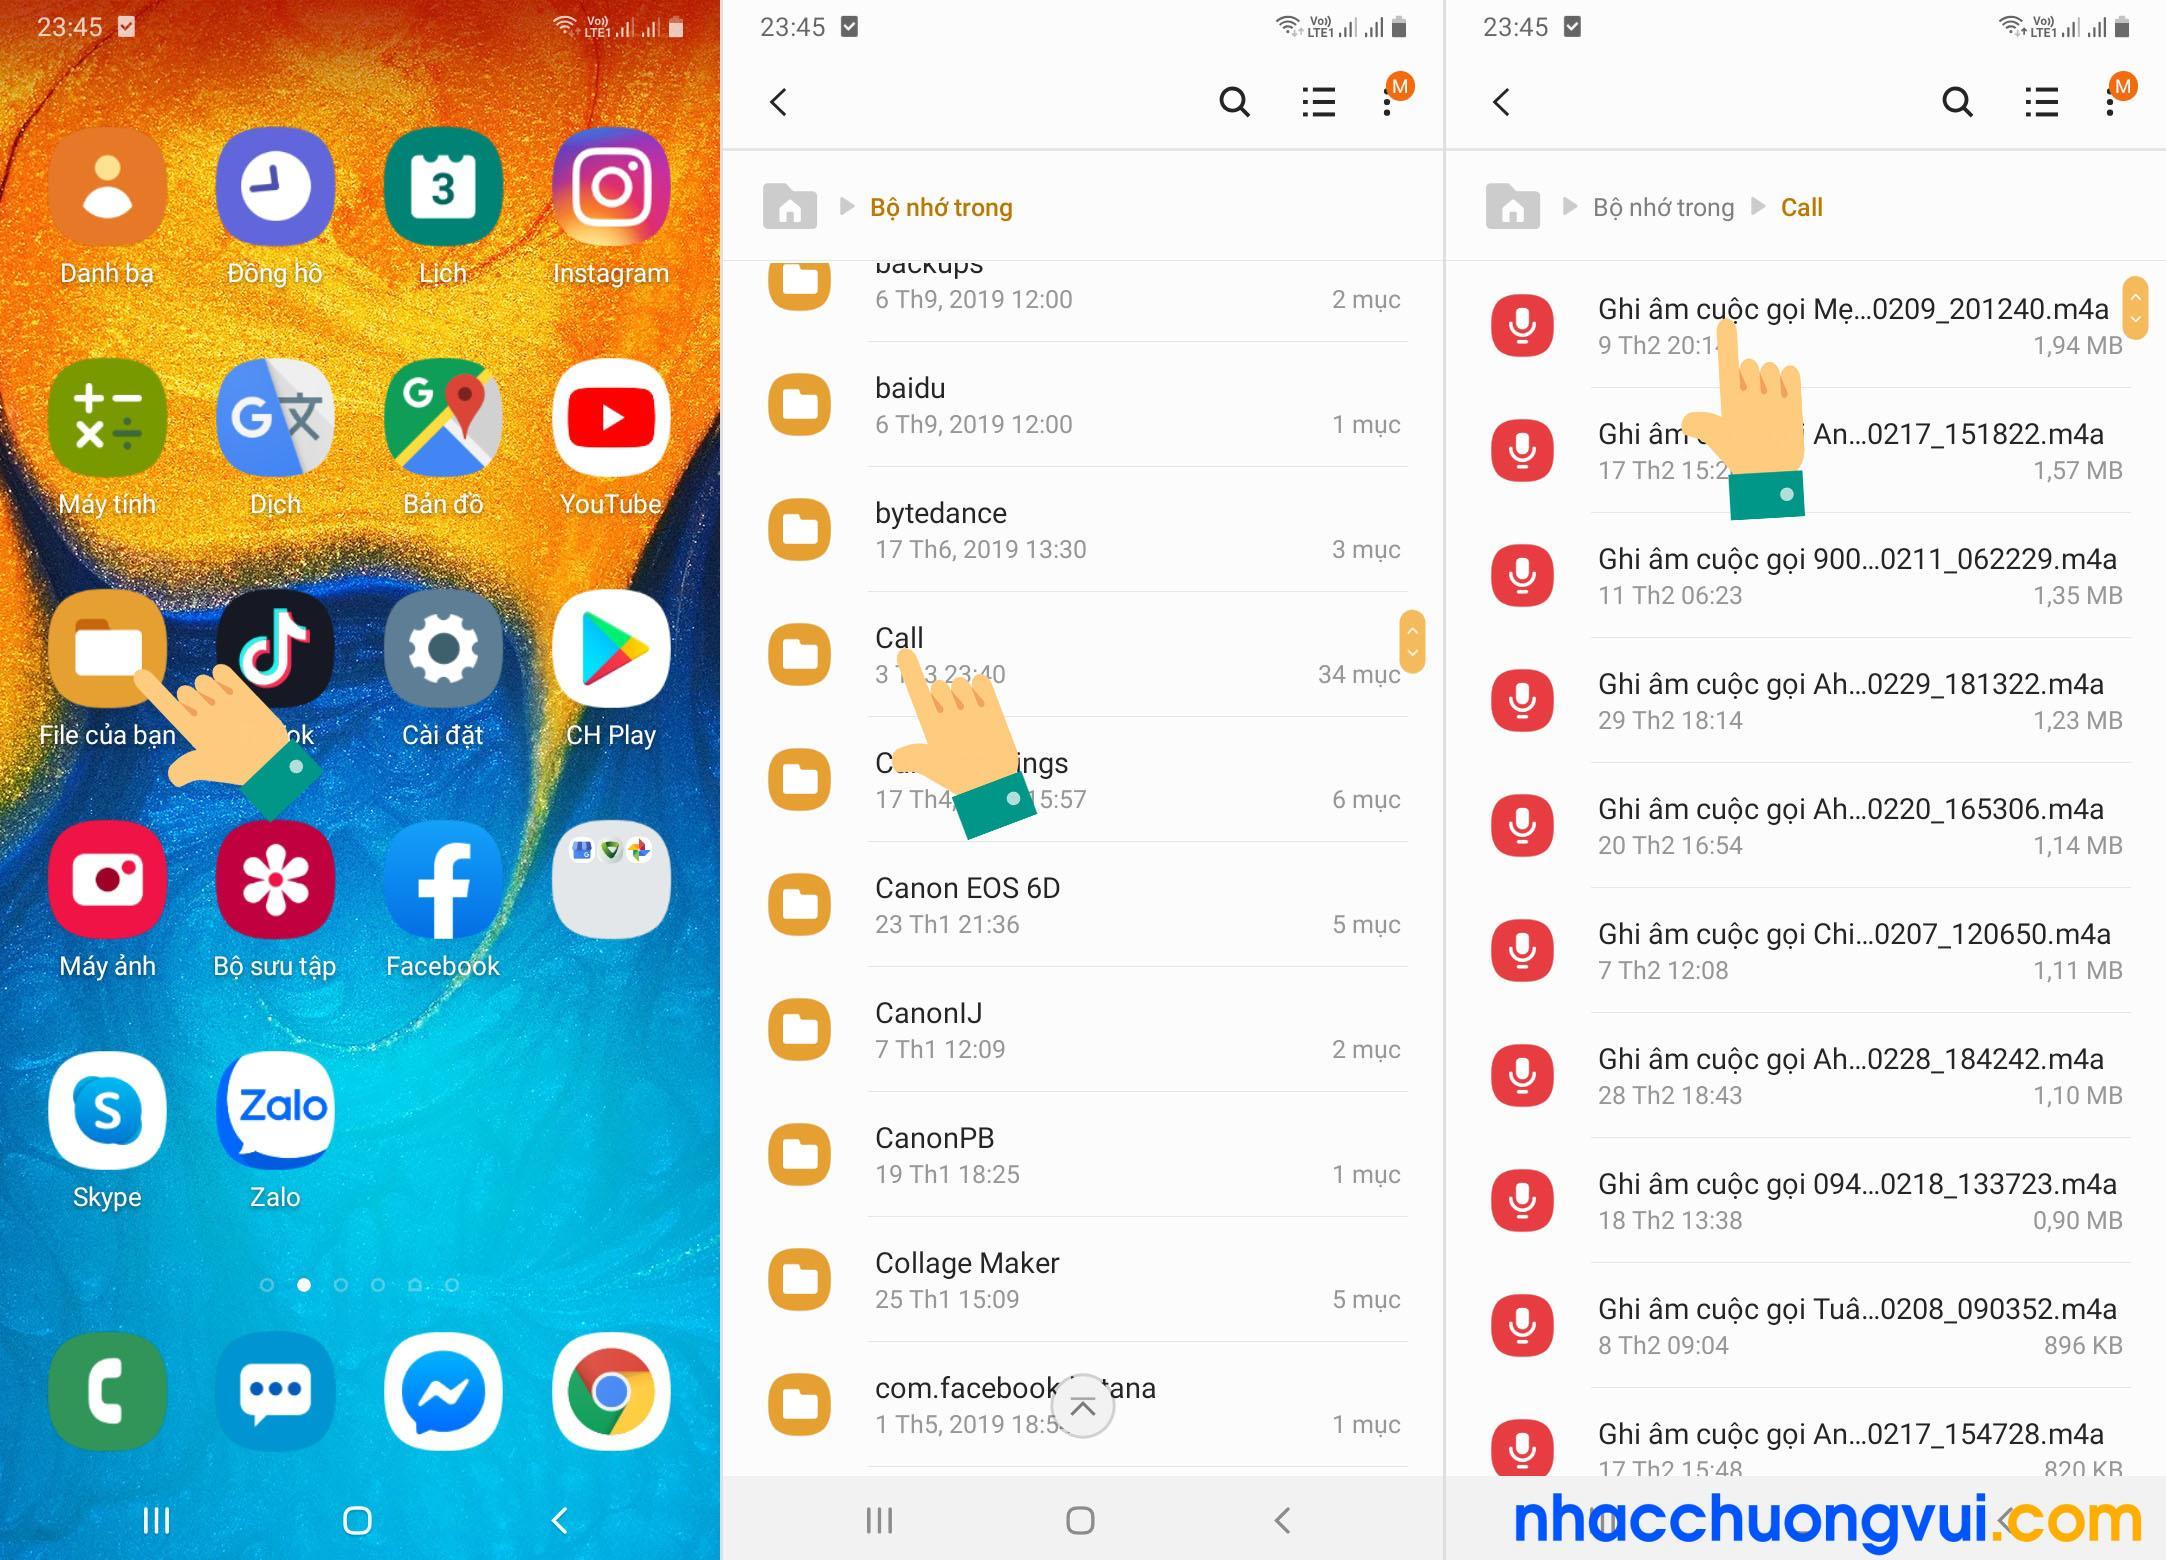 Cách mở file ghi âm cuộc gọi Samsung